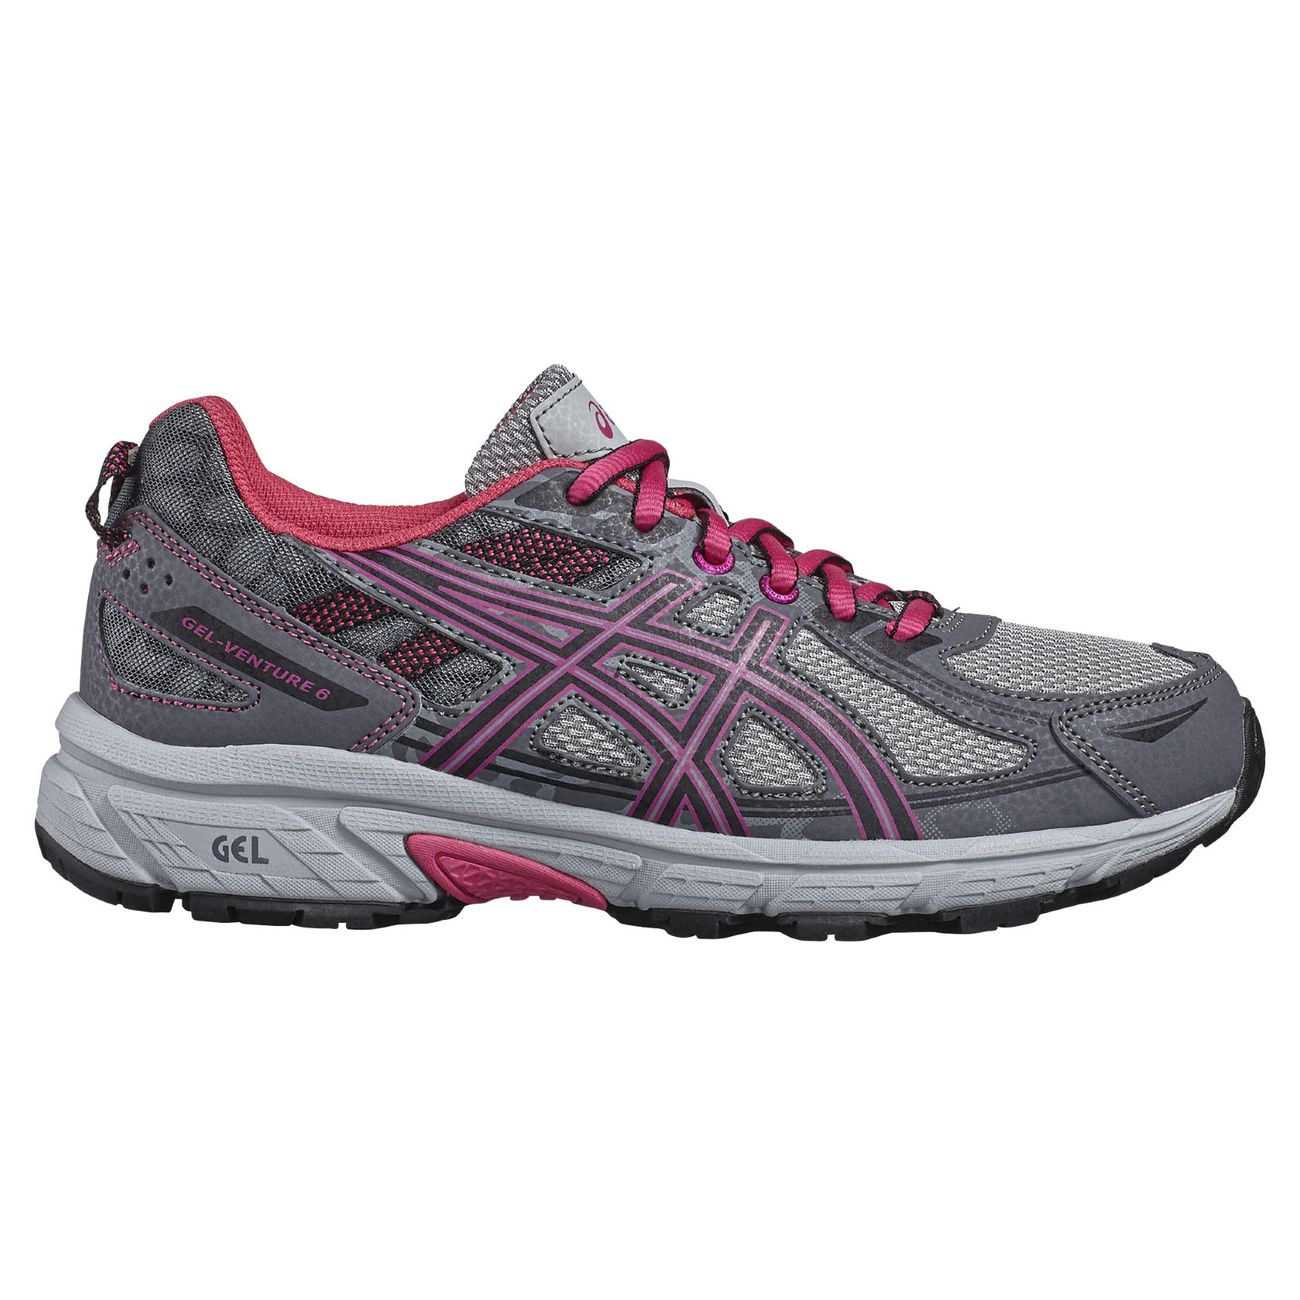 Course à pied enfant ASICS Asics Chaussure de course pour enfant Gel-Venture 6 GS Grey - C744N-9790